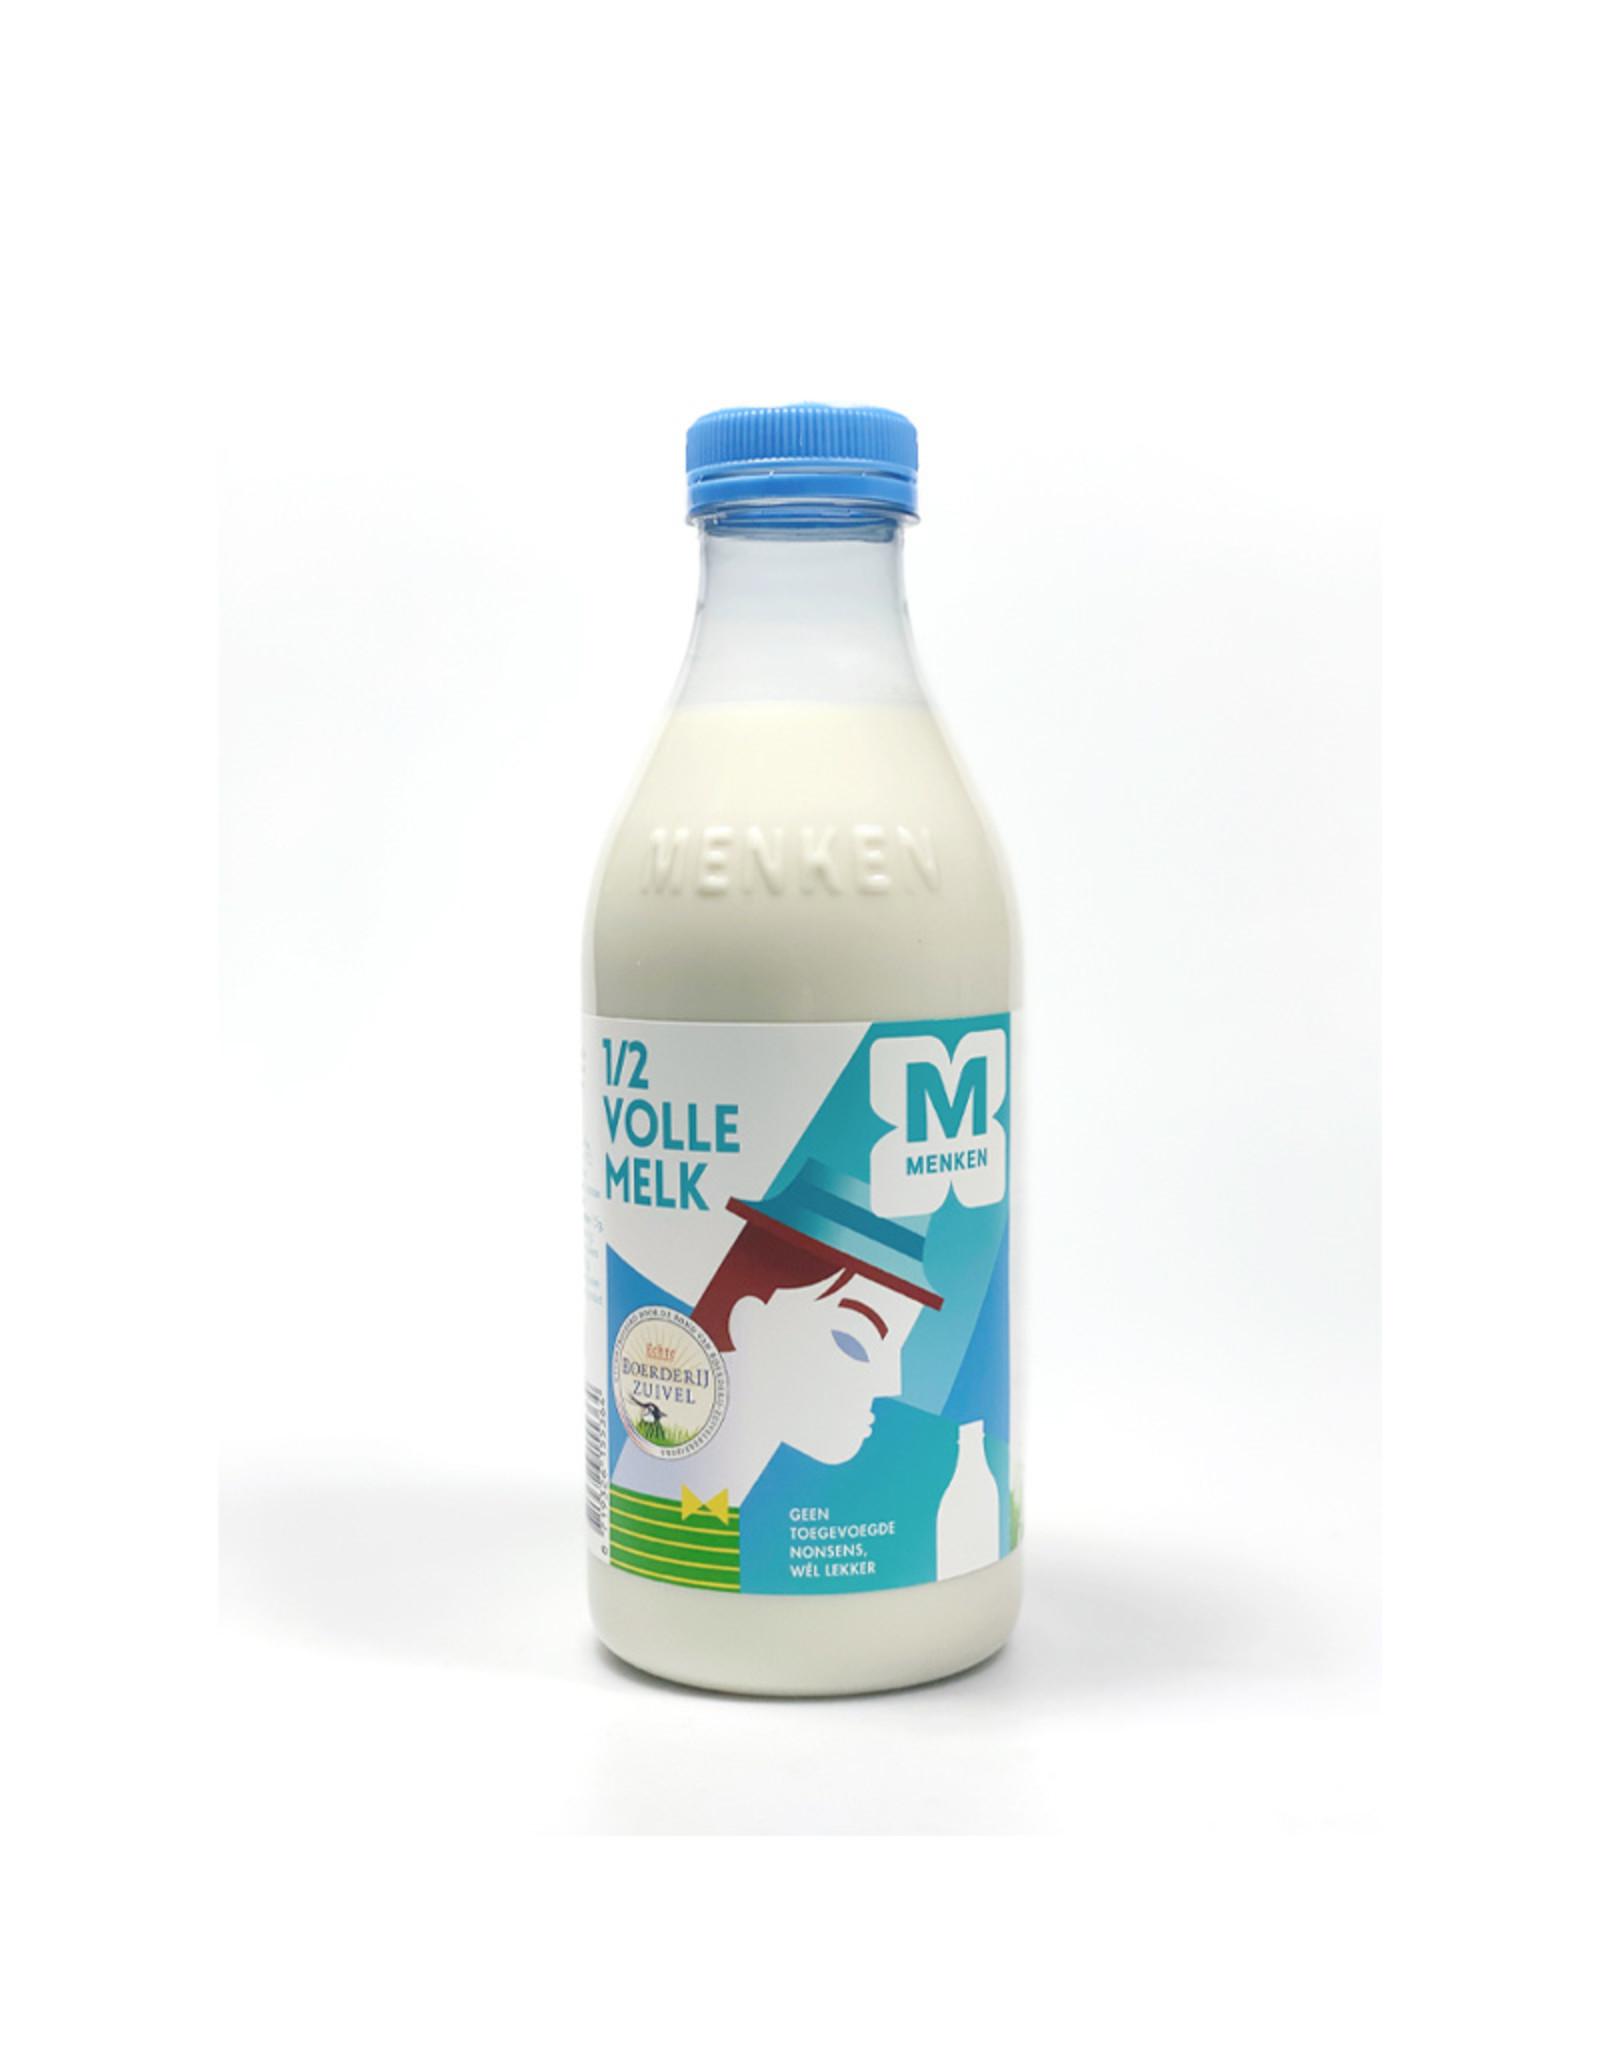 Menken 1/2 Volle Melk - 75cl